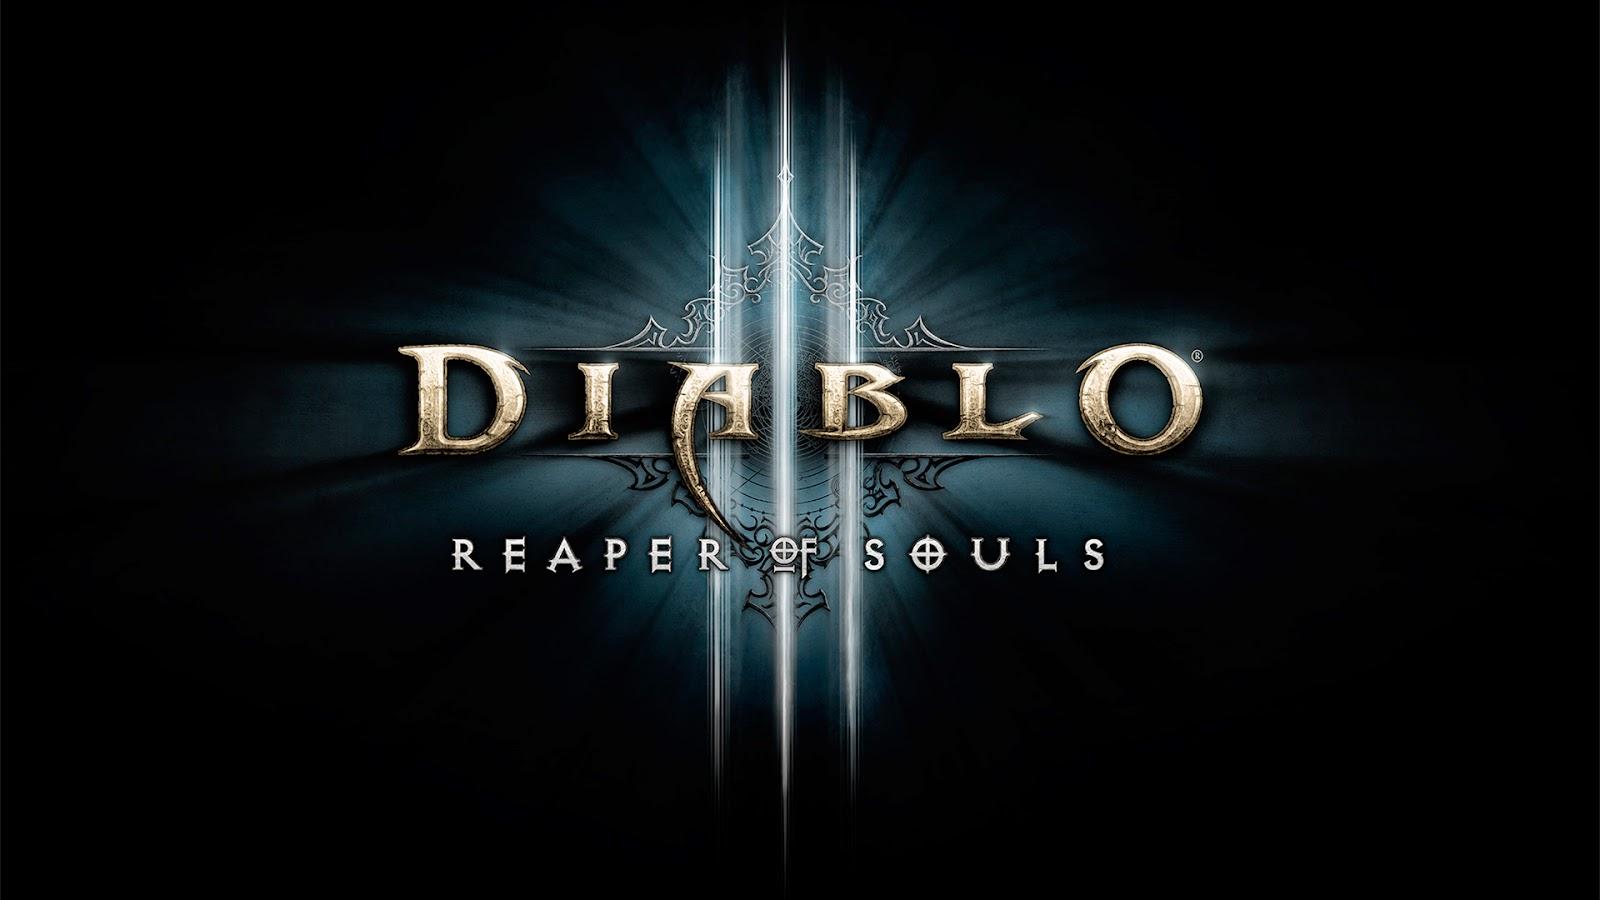 diablo 3 reaper of souls torrent with crack